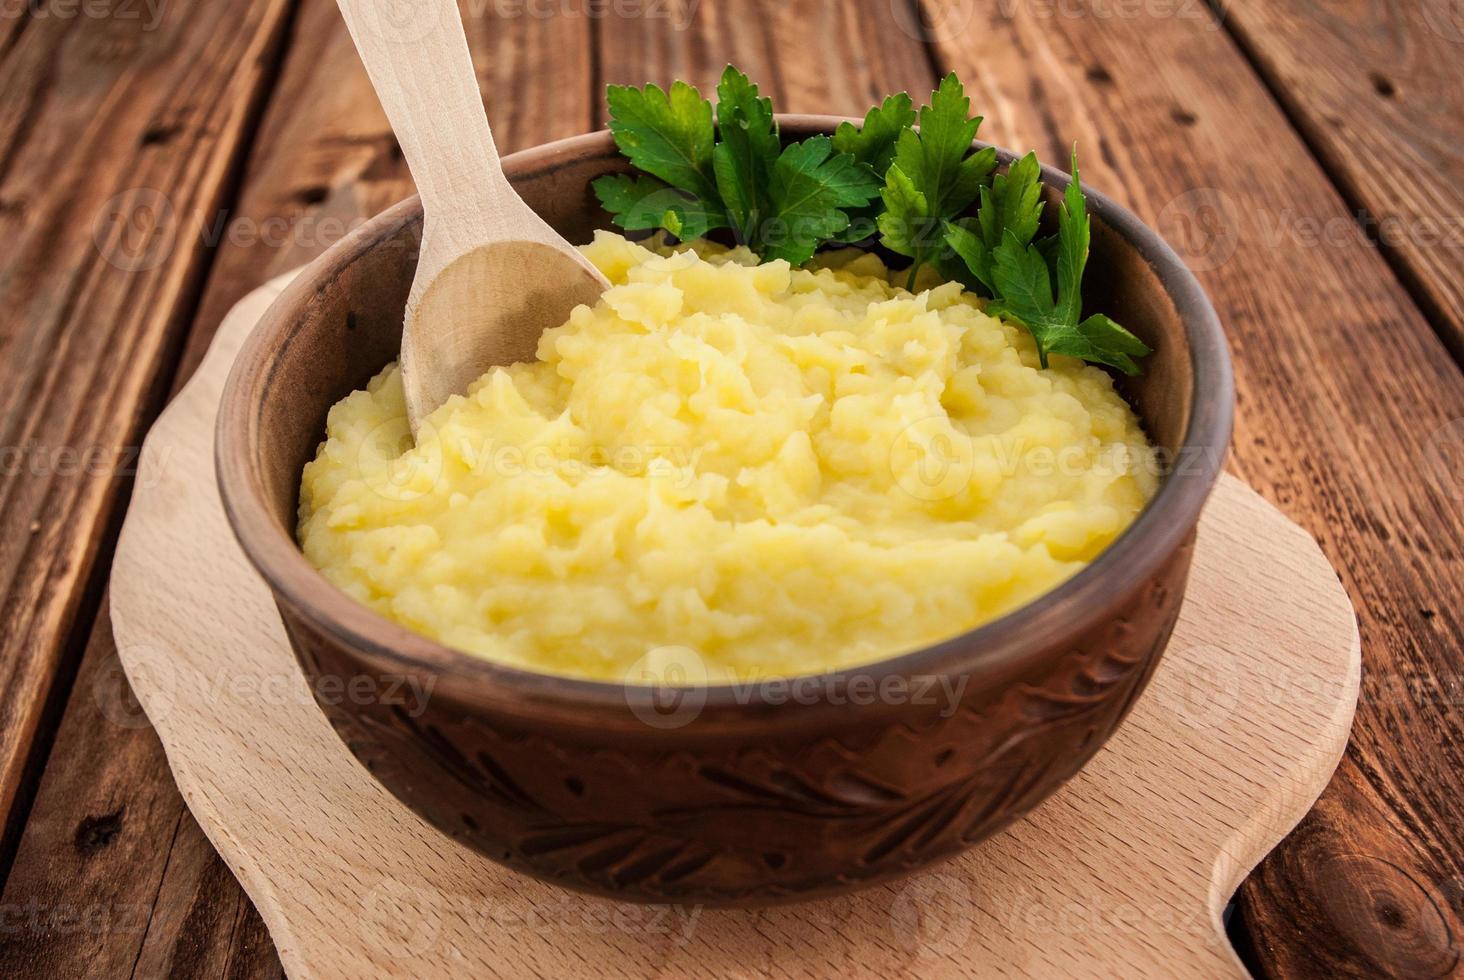 pommes de terre en purée photo